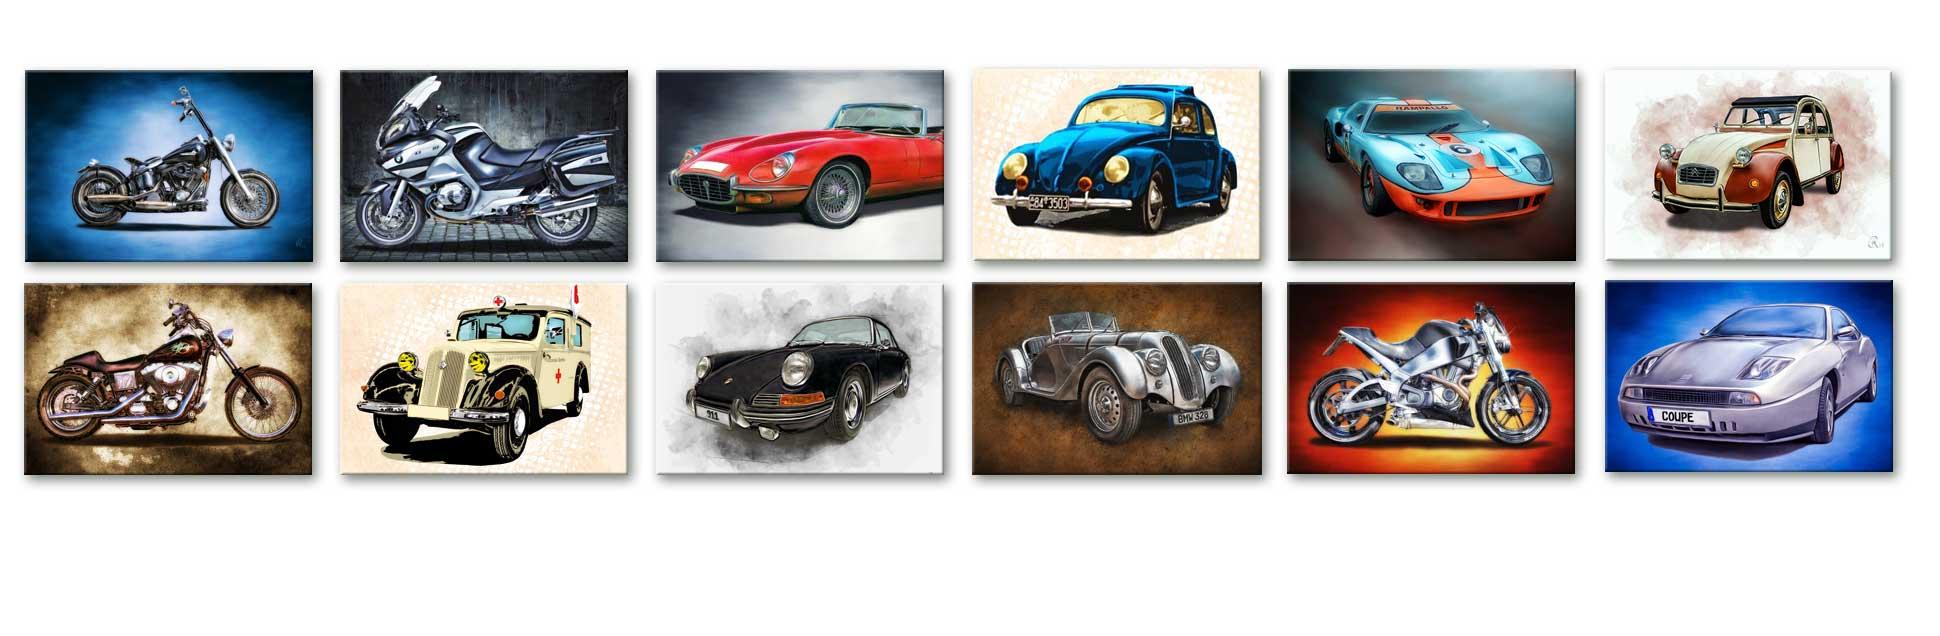 Porsche 911 s, Bild auf Leinwand, Geschenk, Gemälde Stil, Bild auf Leinwand, Edition